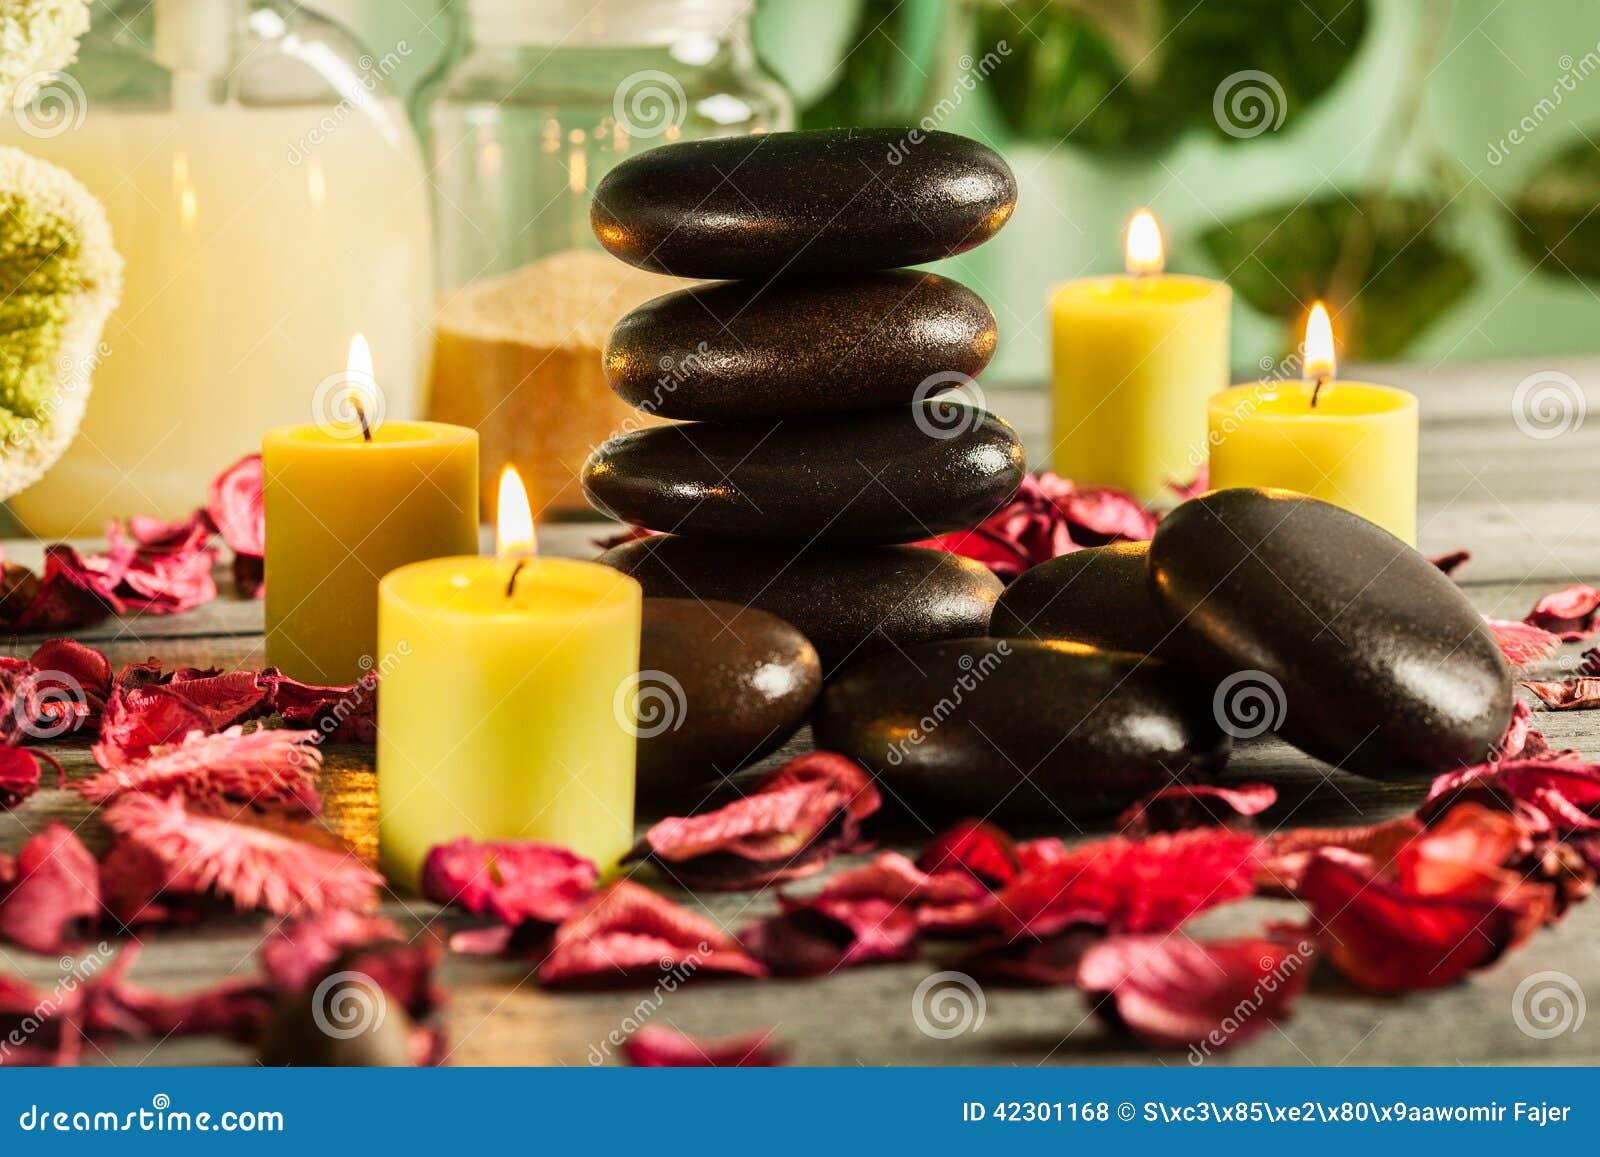 Ζωή SPA ακόμα με τις καυτά πέτρες και τα κεριά